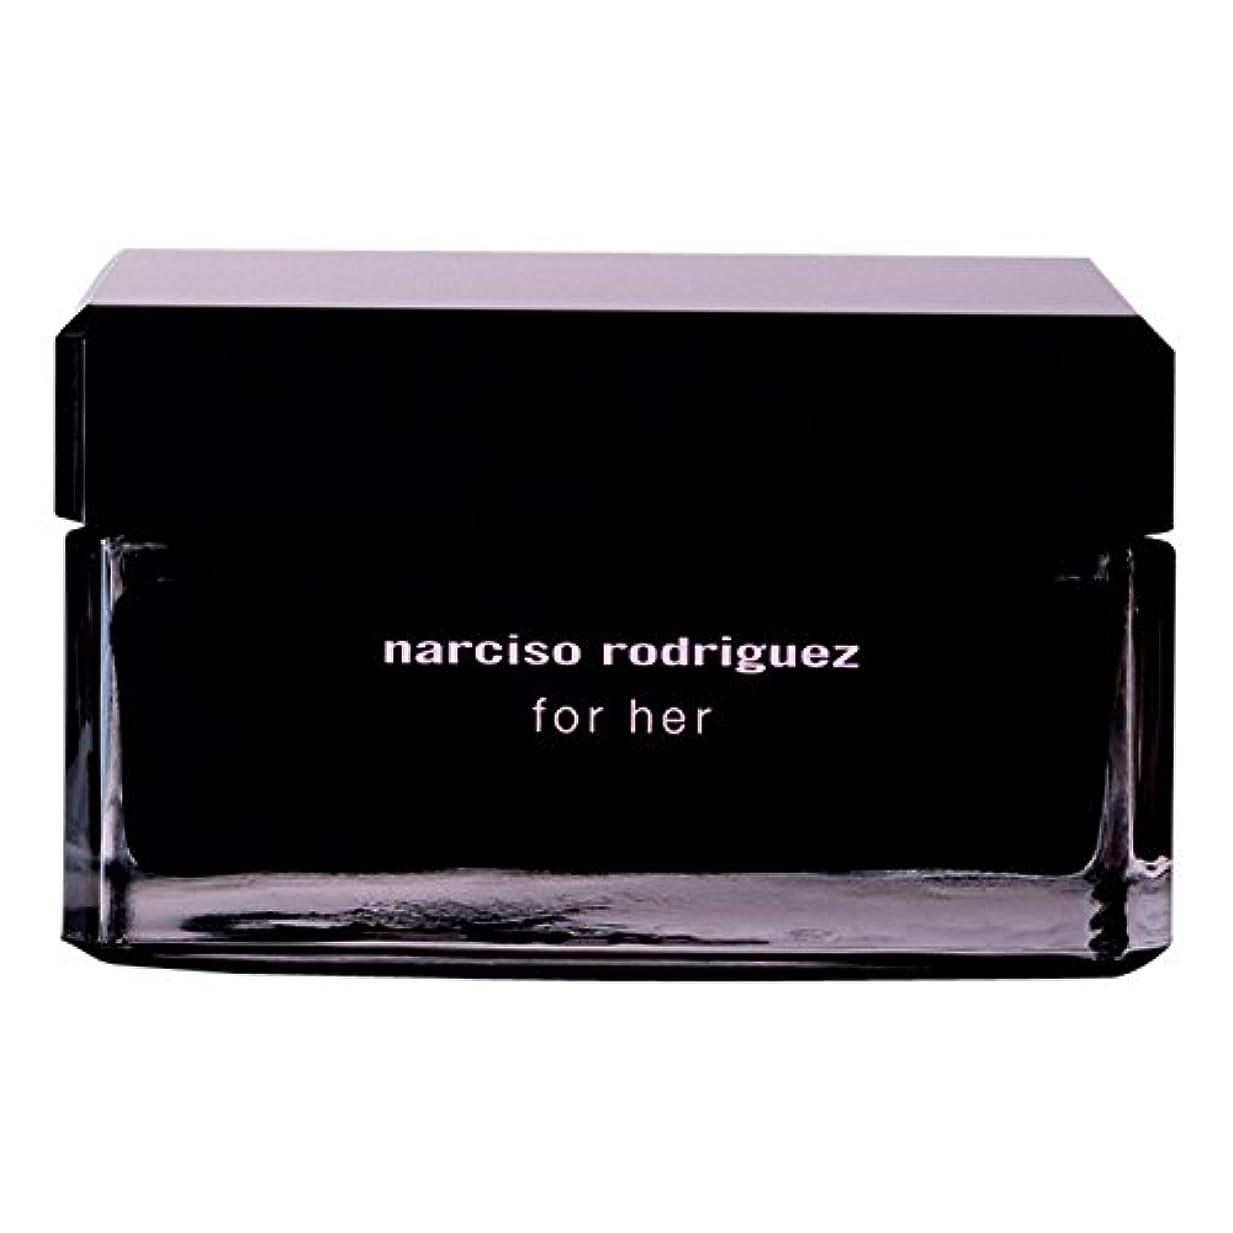 へこみ落とし穴たらいナルシソ?ロドリゲスボディクリーム150ミリリットル (Narciso Rodriguez) (x6) - Narciso Rodriguez Body Cream 150ml (Pack of 6) [並行輸入品]